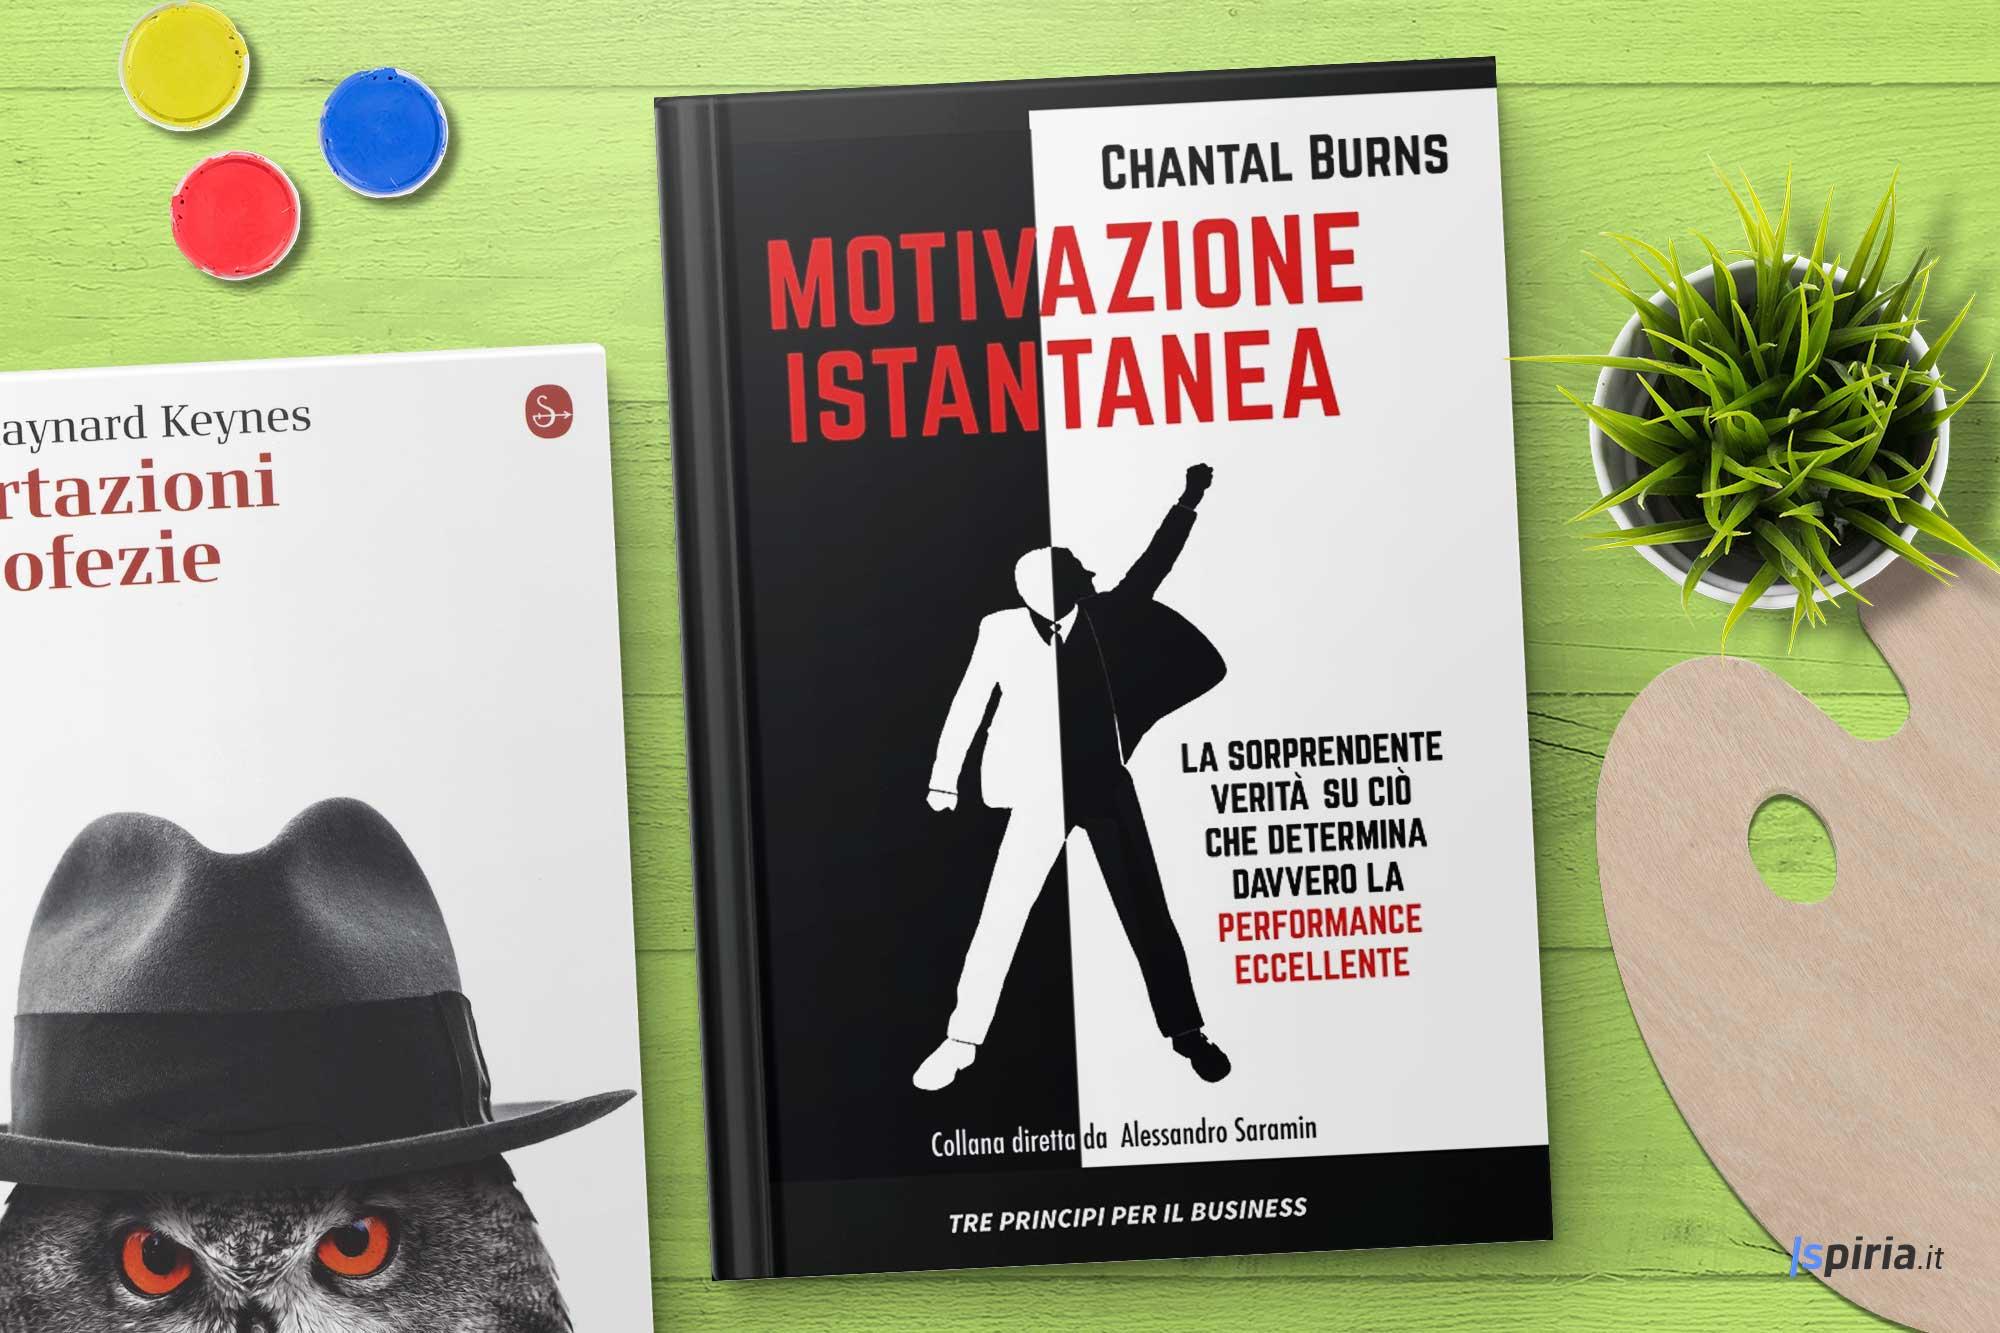 miglior libro motivazionale